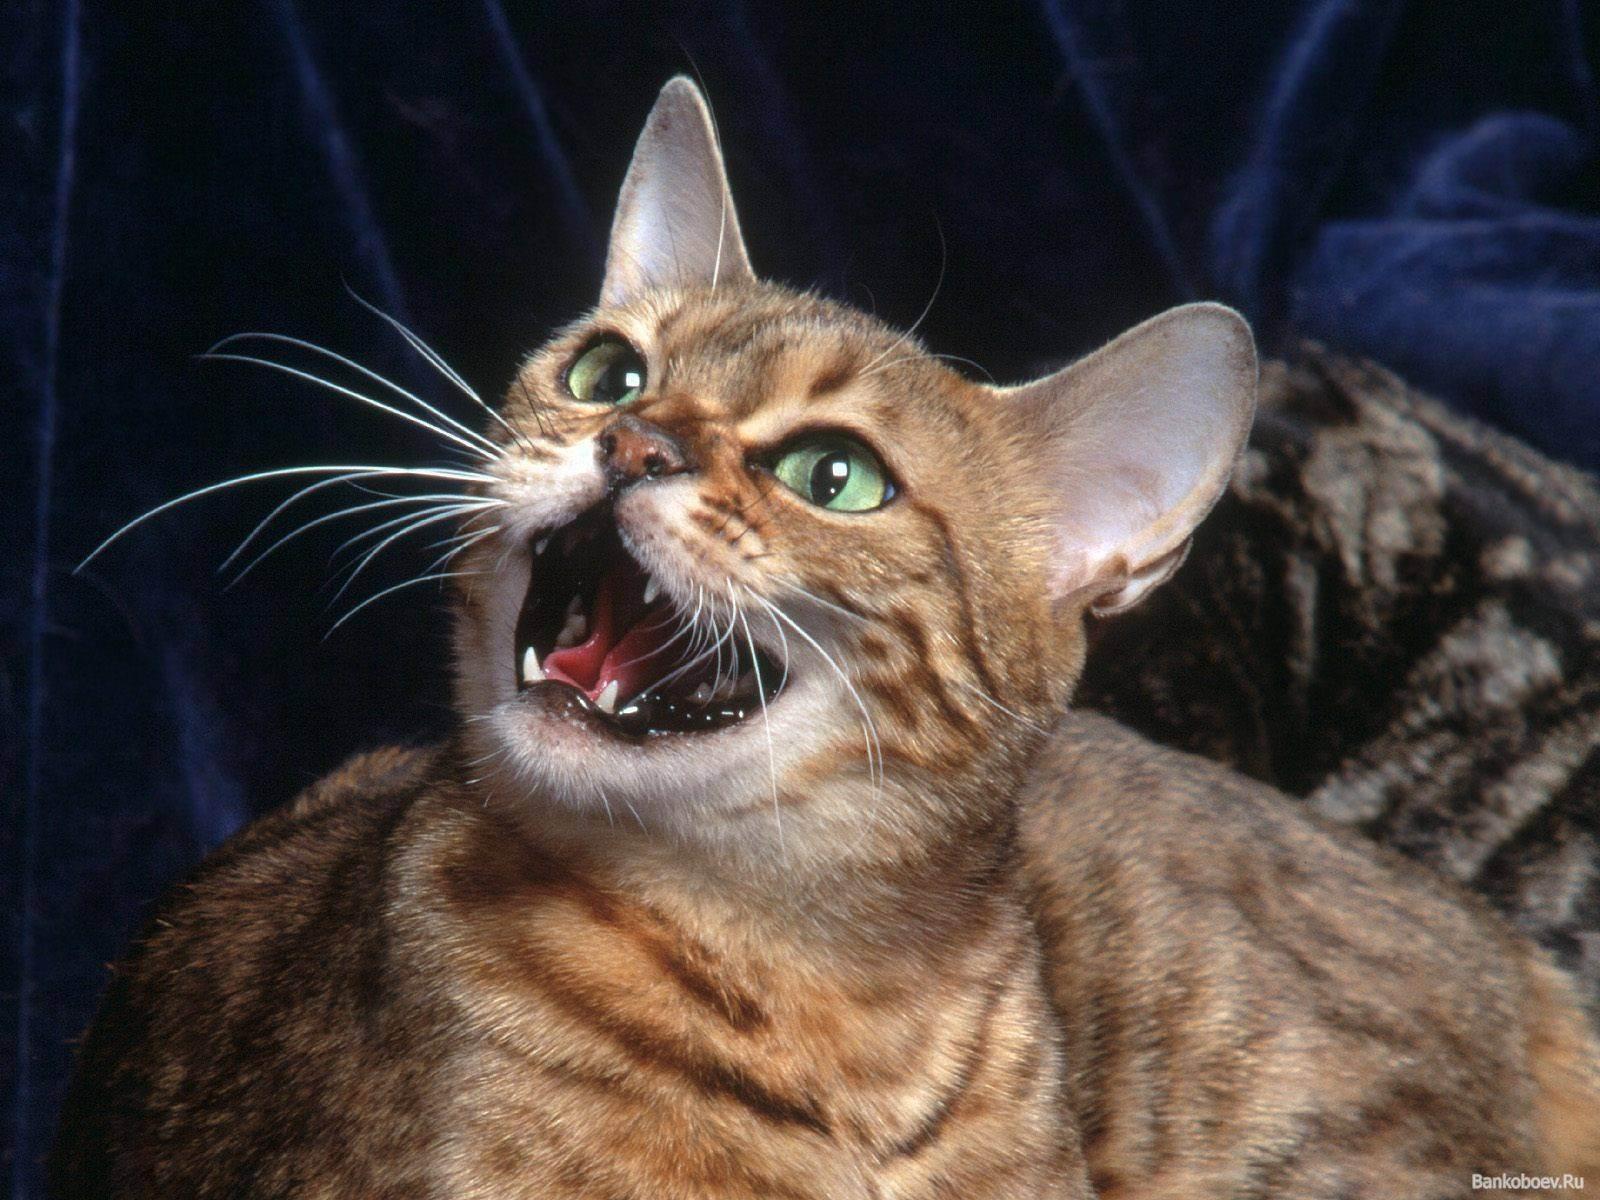 Мур мяу как кошки общаются